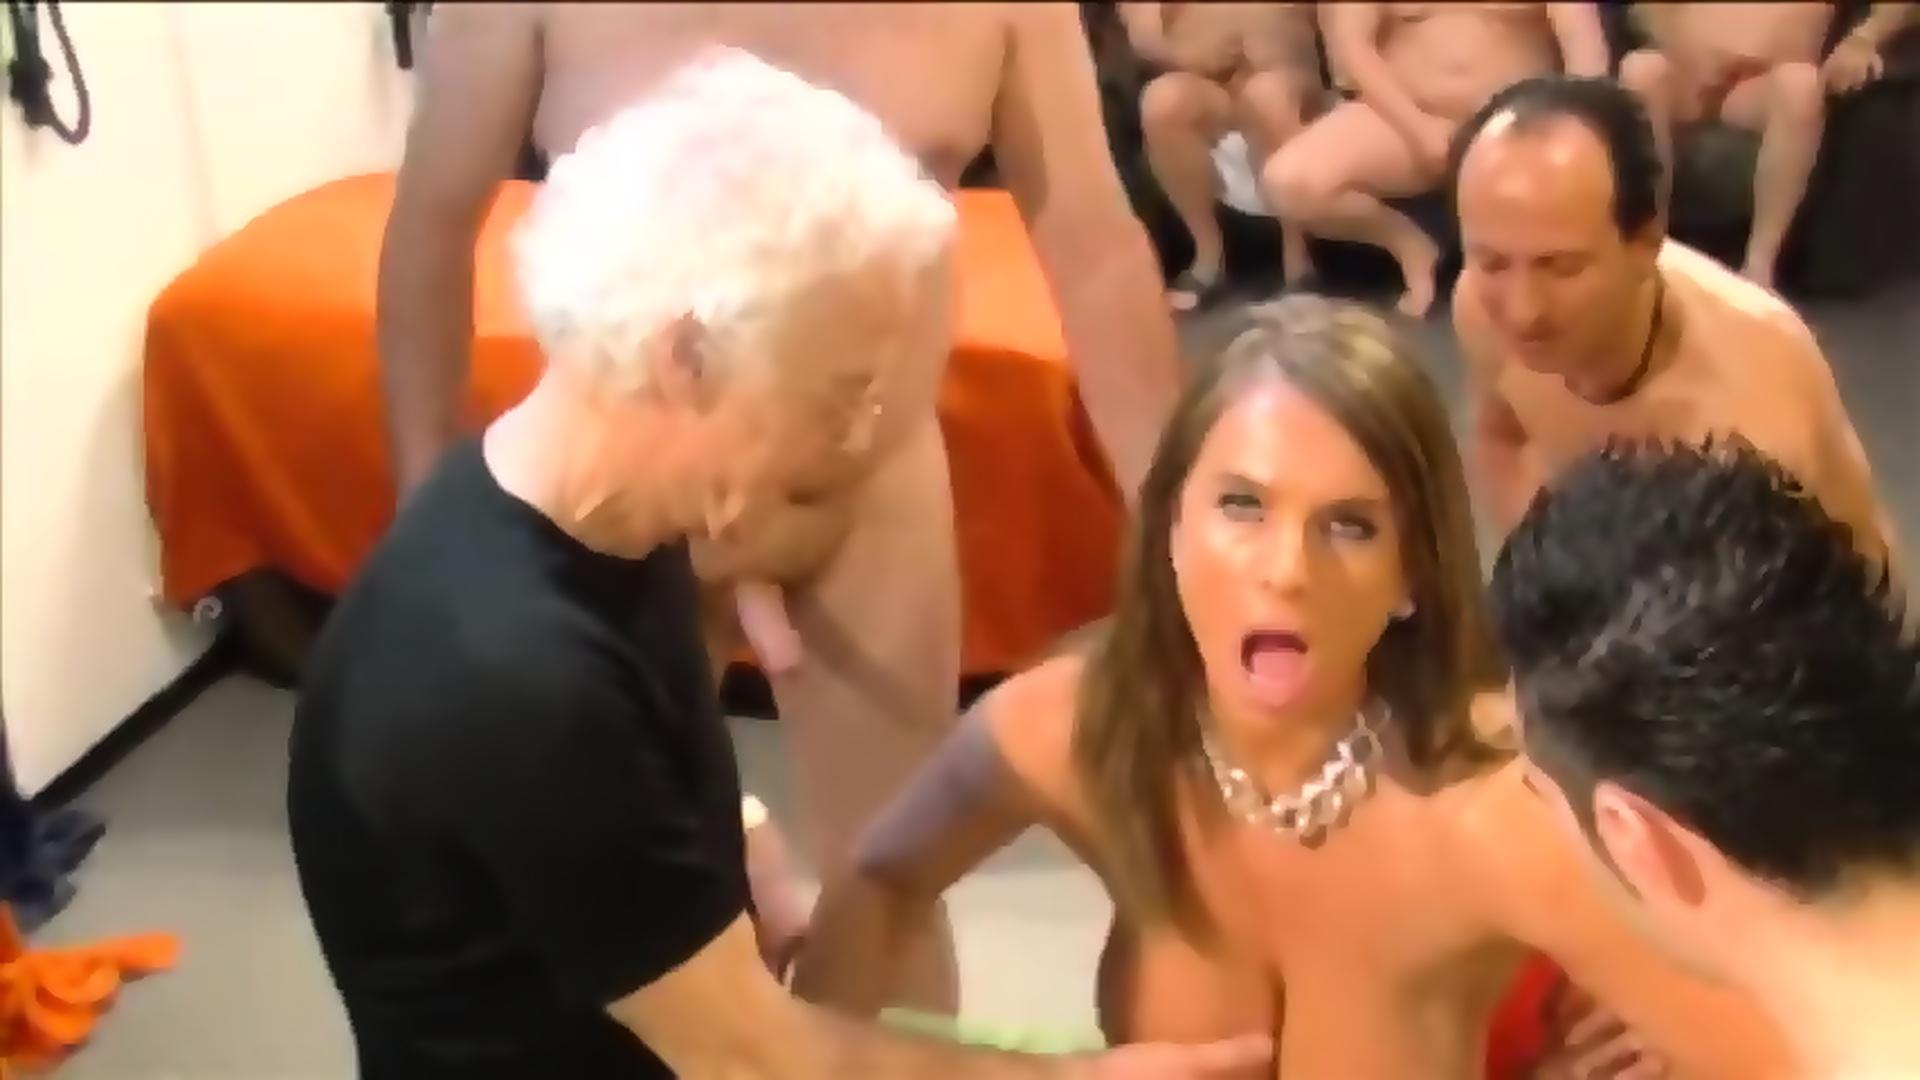 Porno Amateur Kostenlos